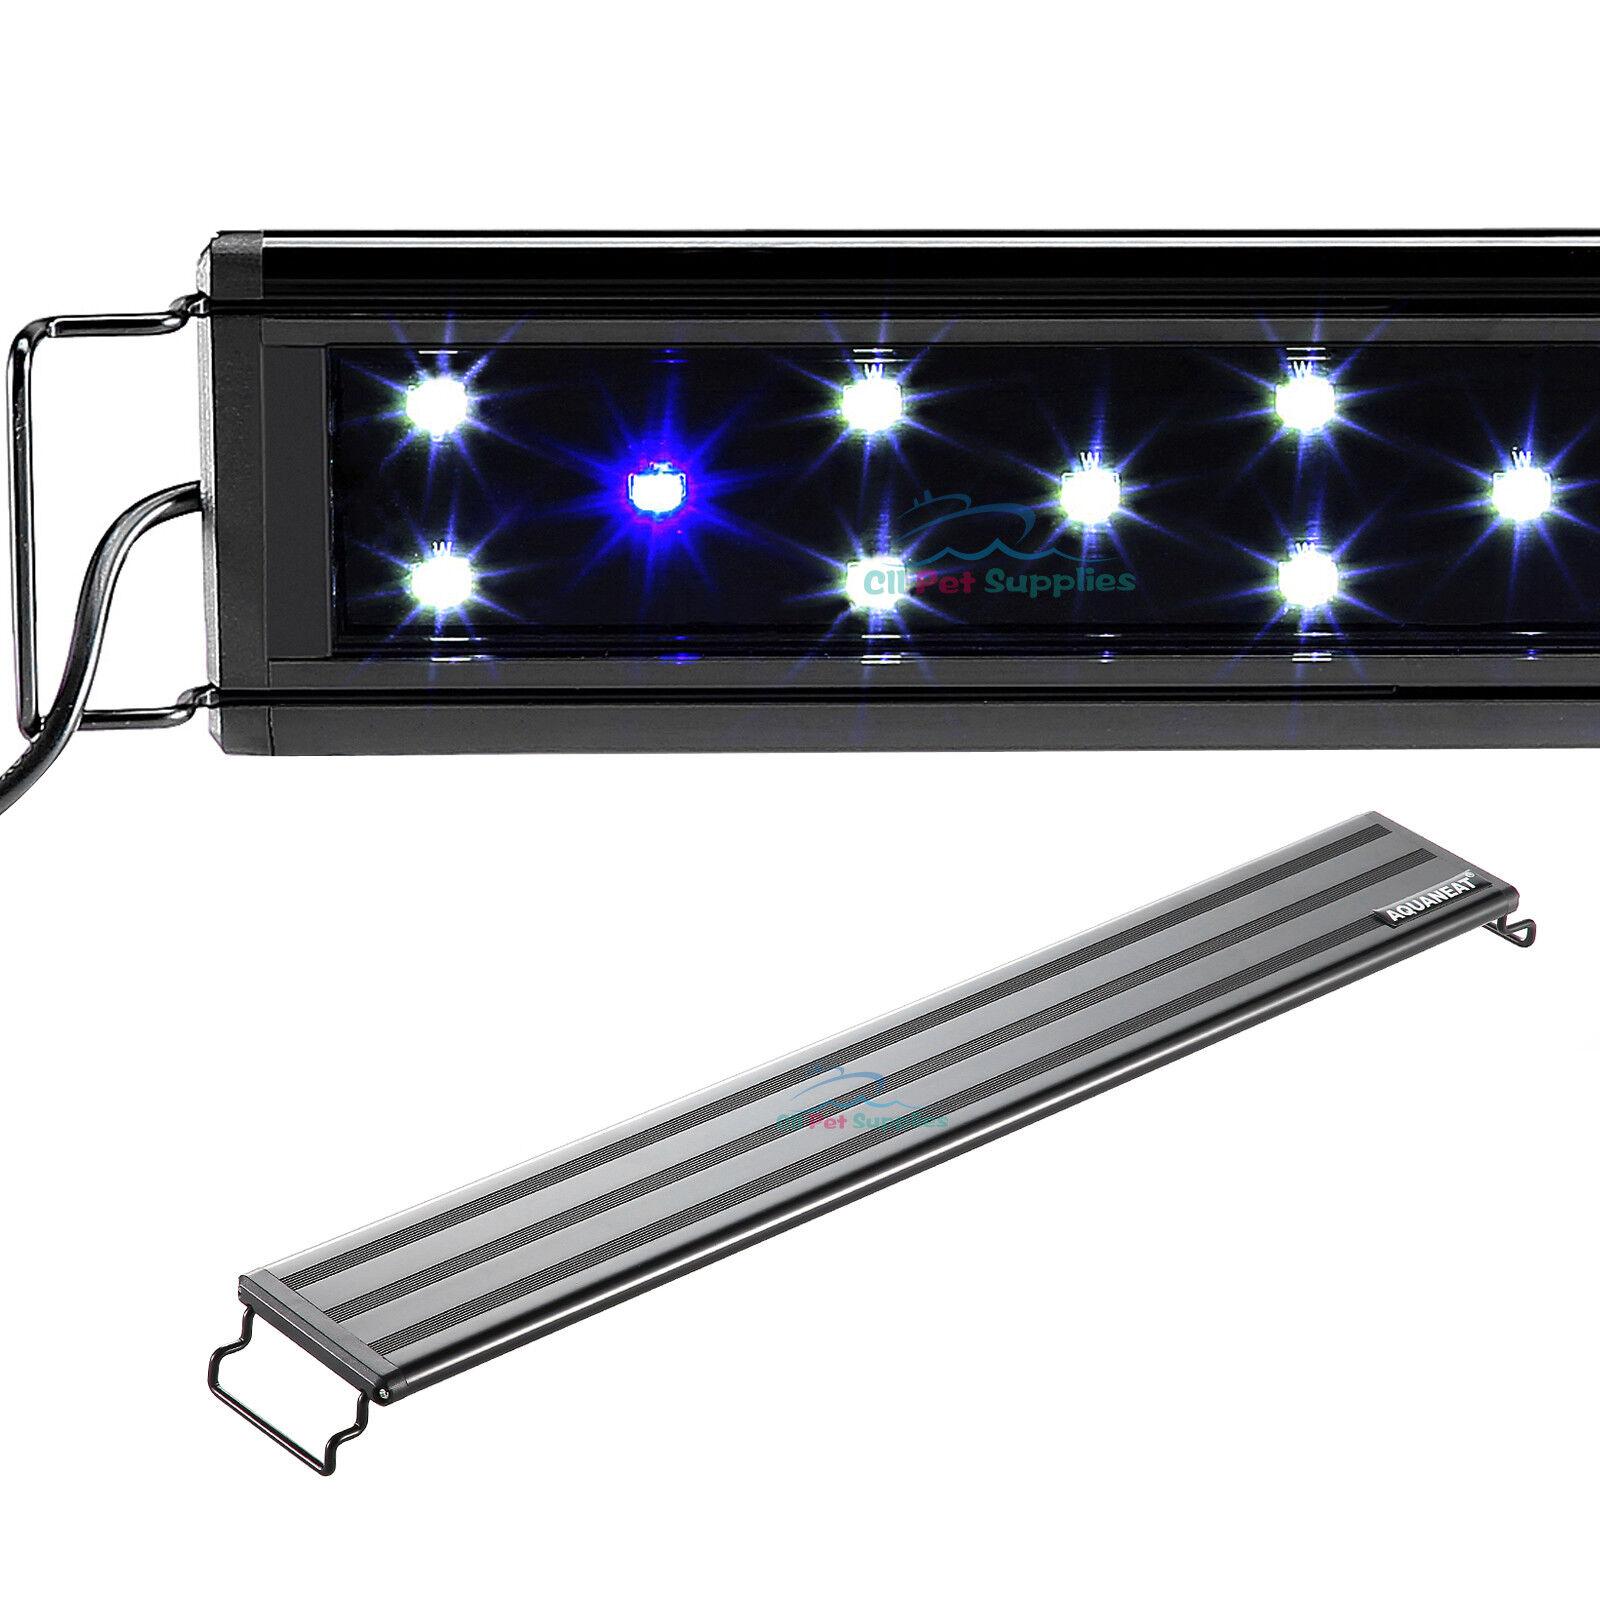 AQUANEAT 0.5W LED Aquarium Light Marine FOWLR Blue & White 24/36 Inch